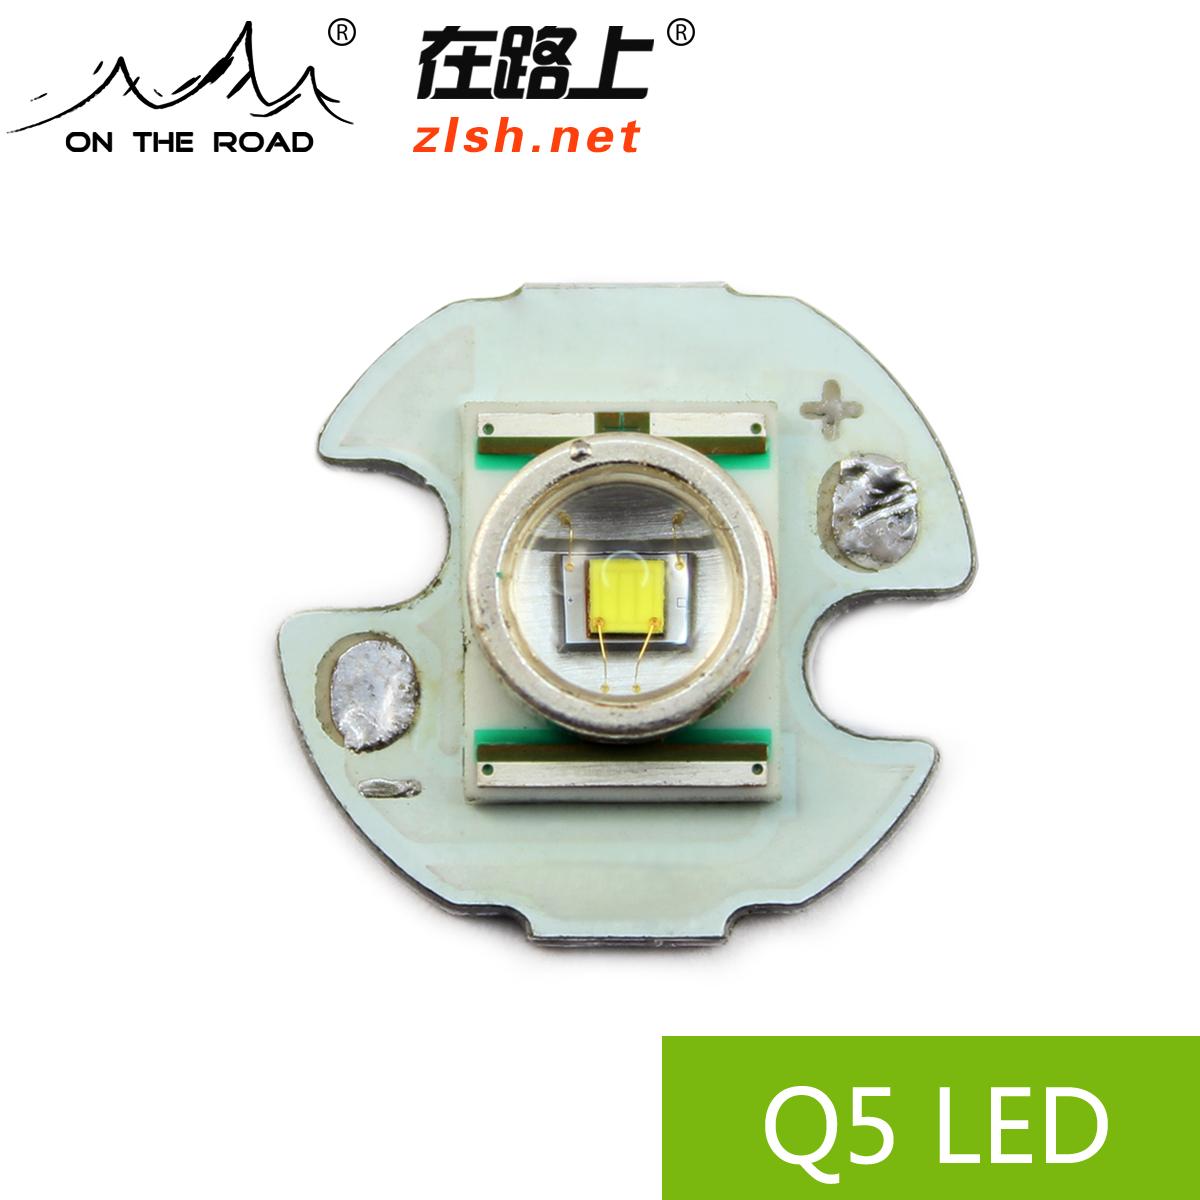 科瑞CREE 美国XR-E Q5 WC强光手电筒LED灯泡 可充电手电筒配件